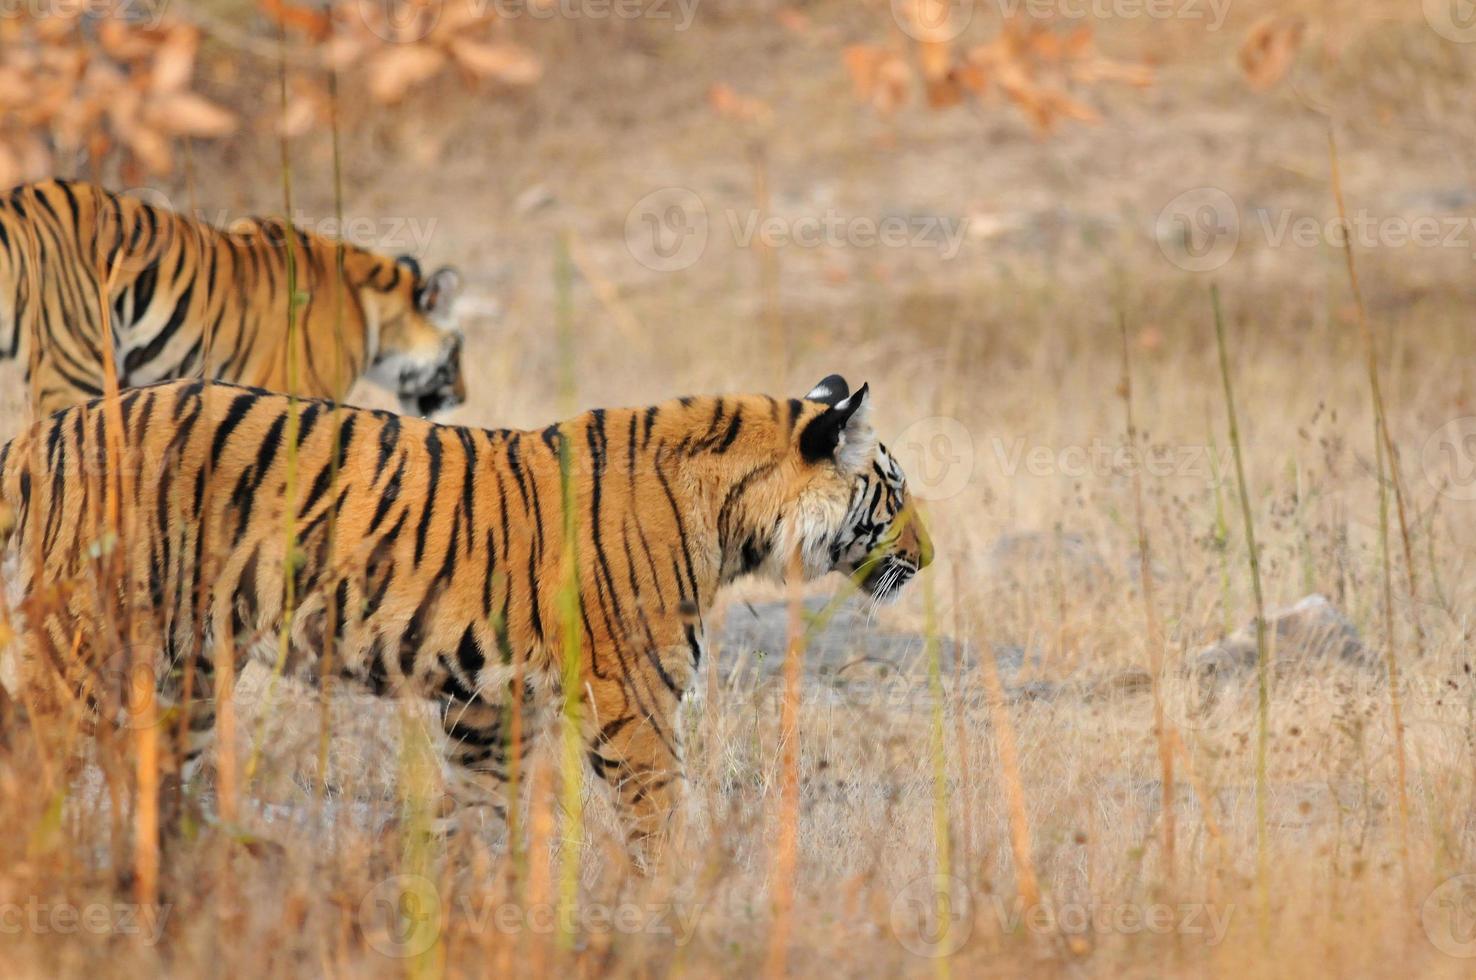 tigres al acecho. foto